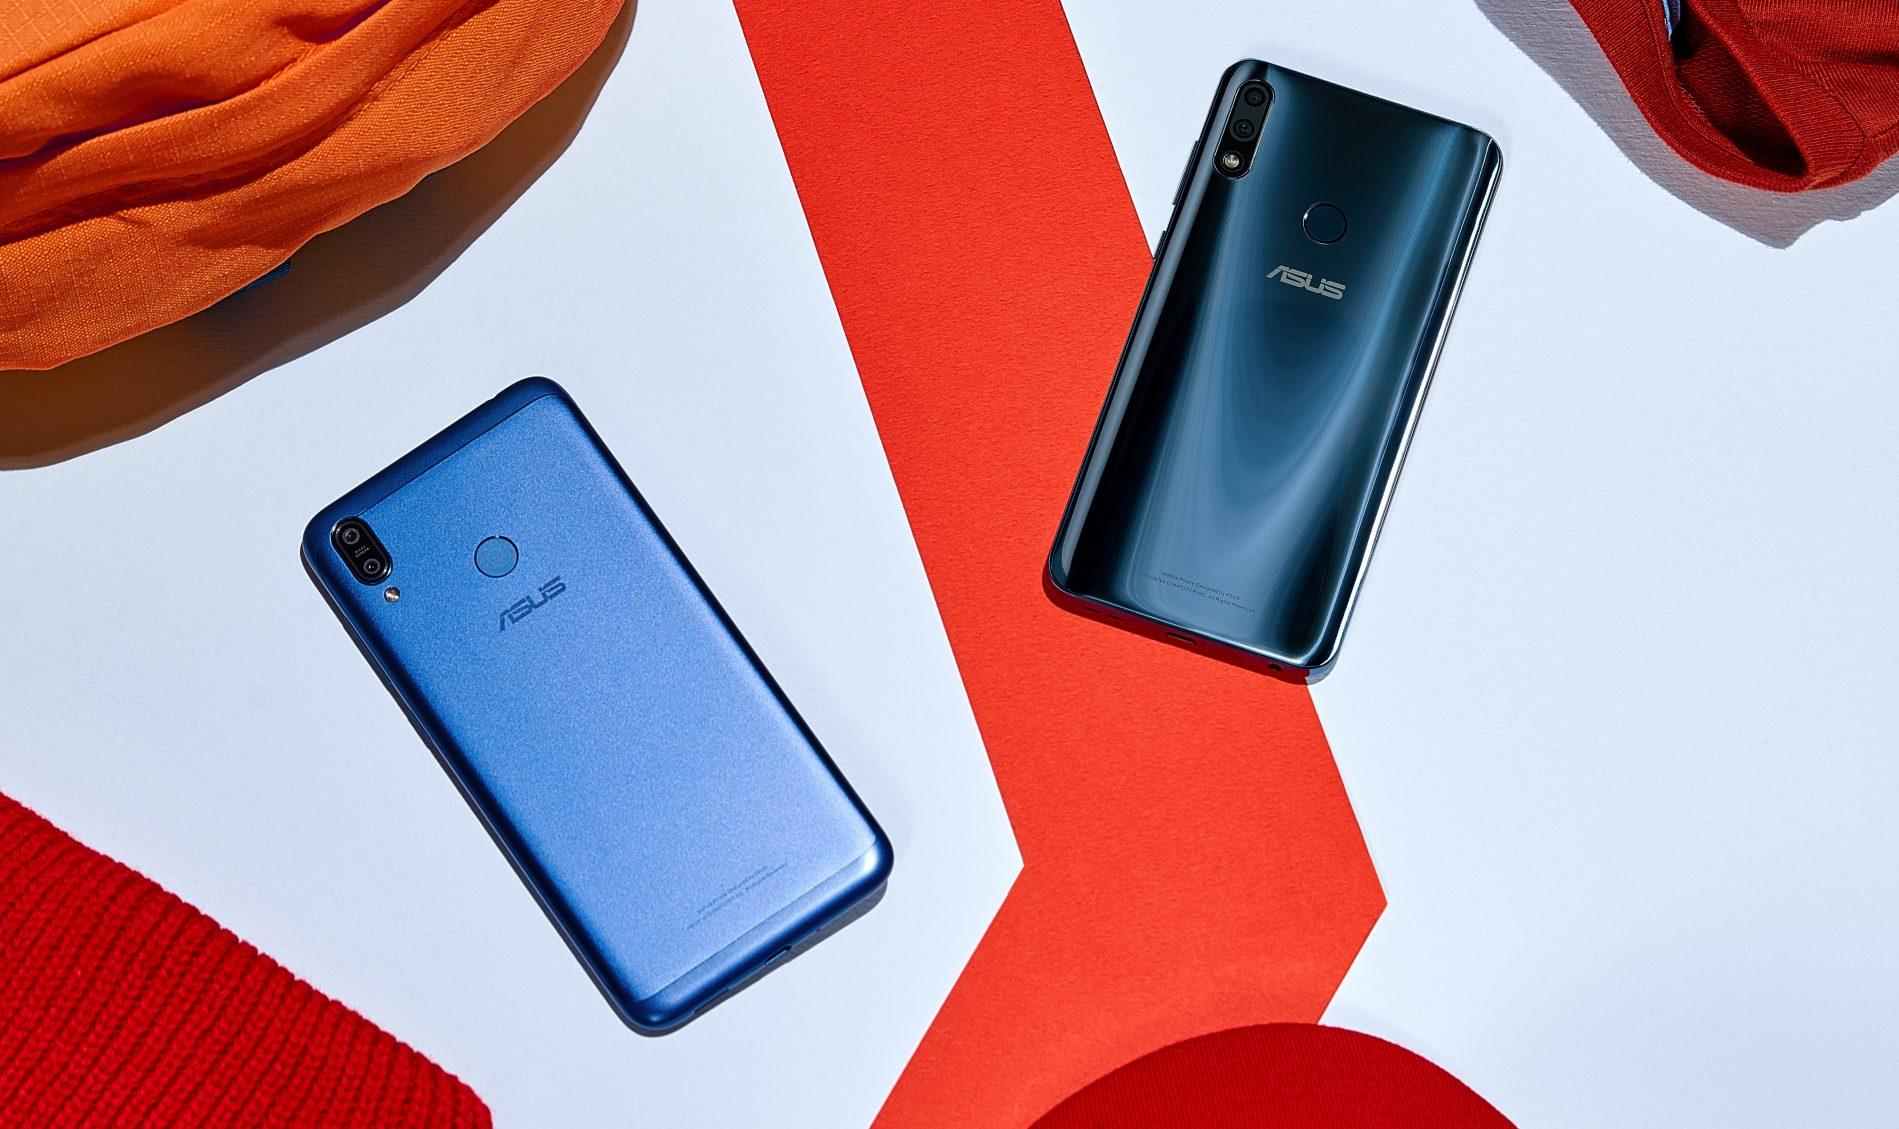 Asus publikuje listę smartfonów, które dostaną aktualizację do Androida 9.0 Pie 24